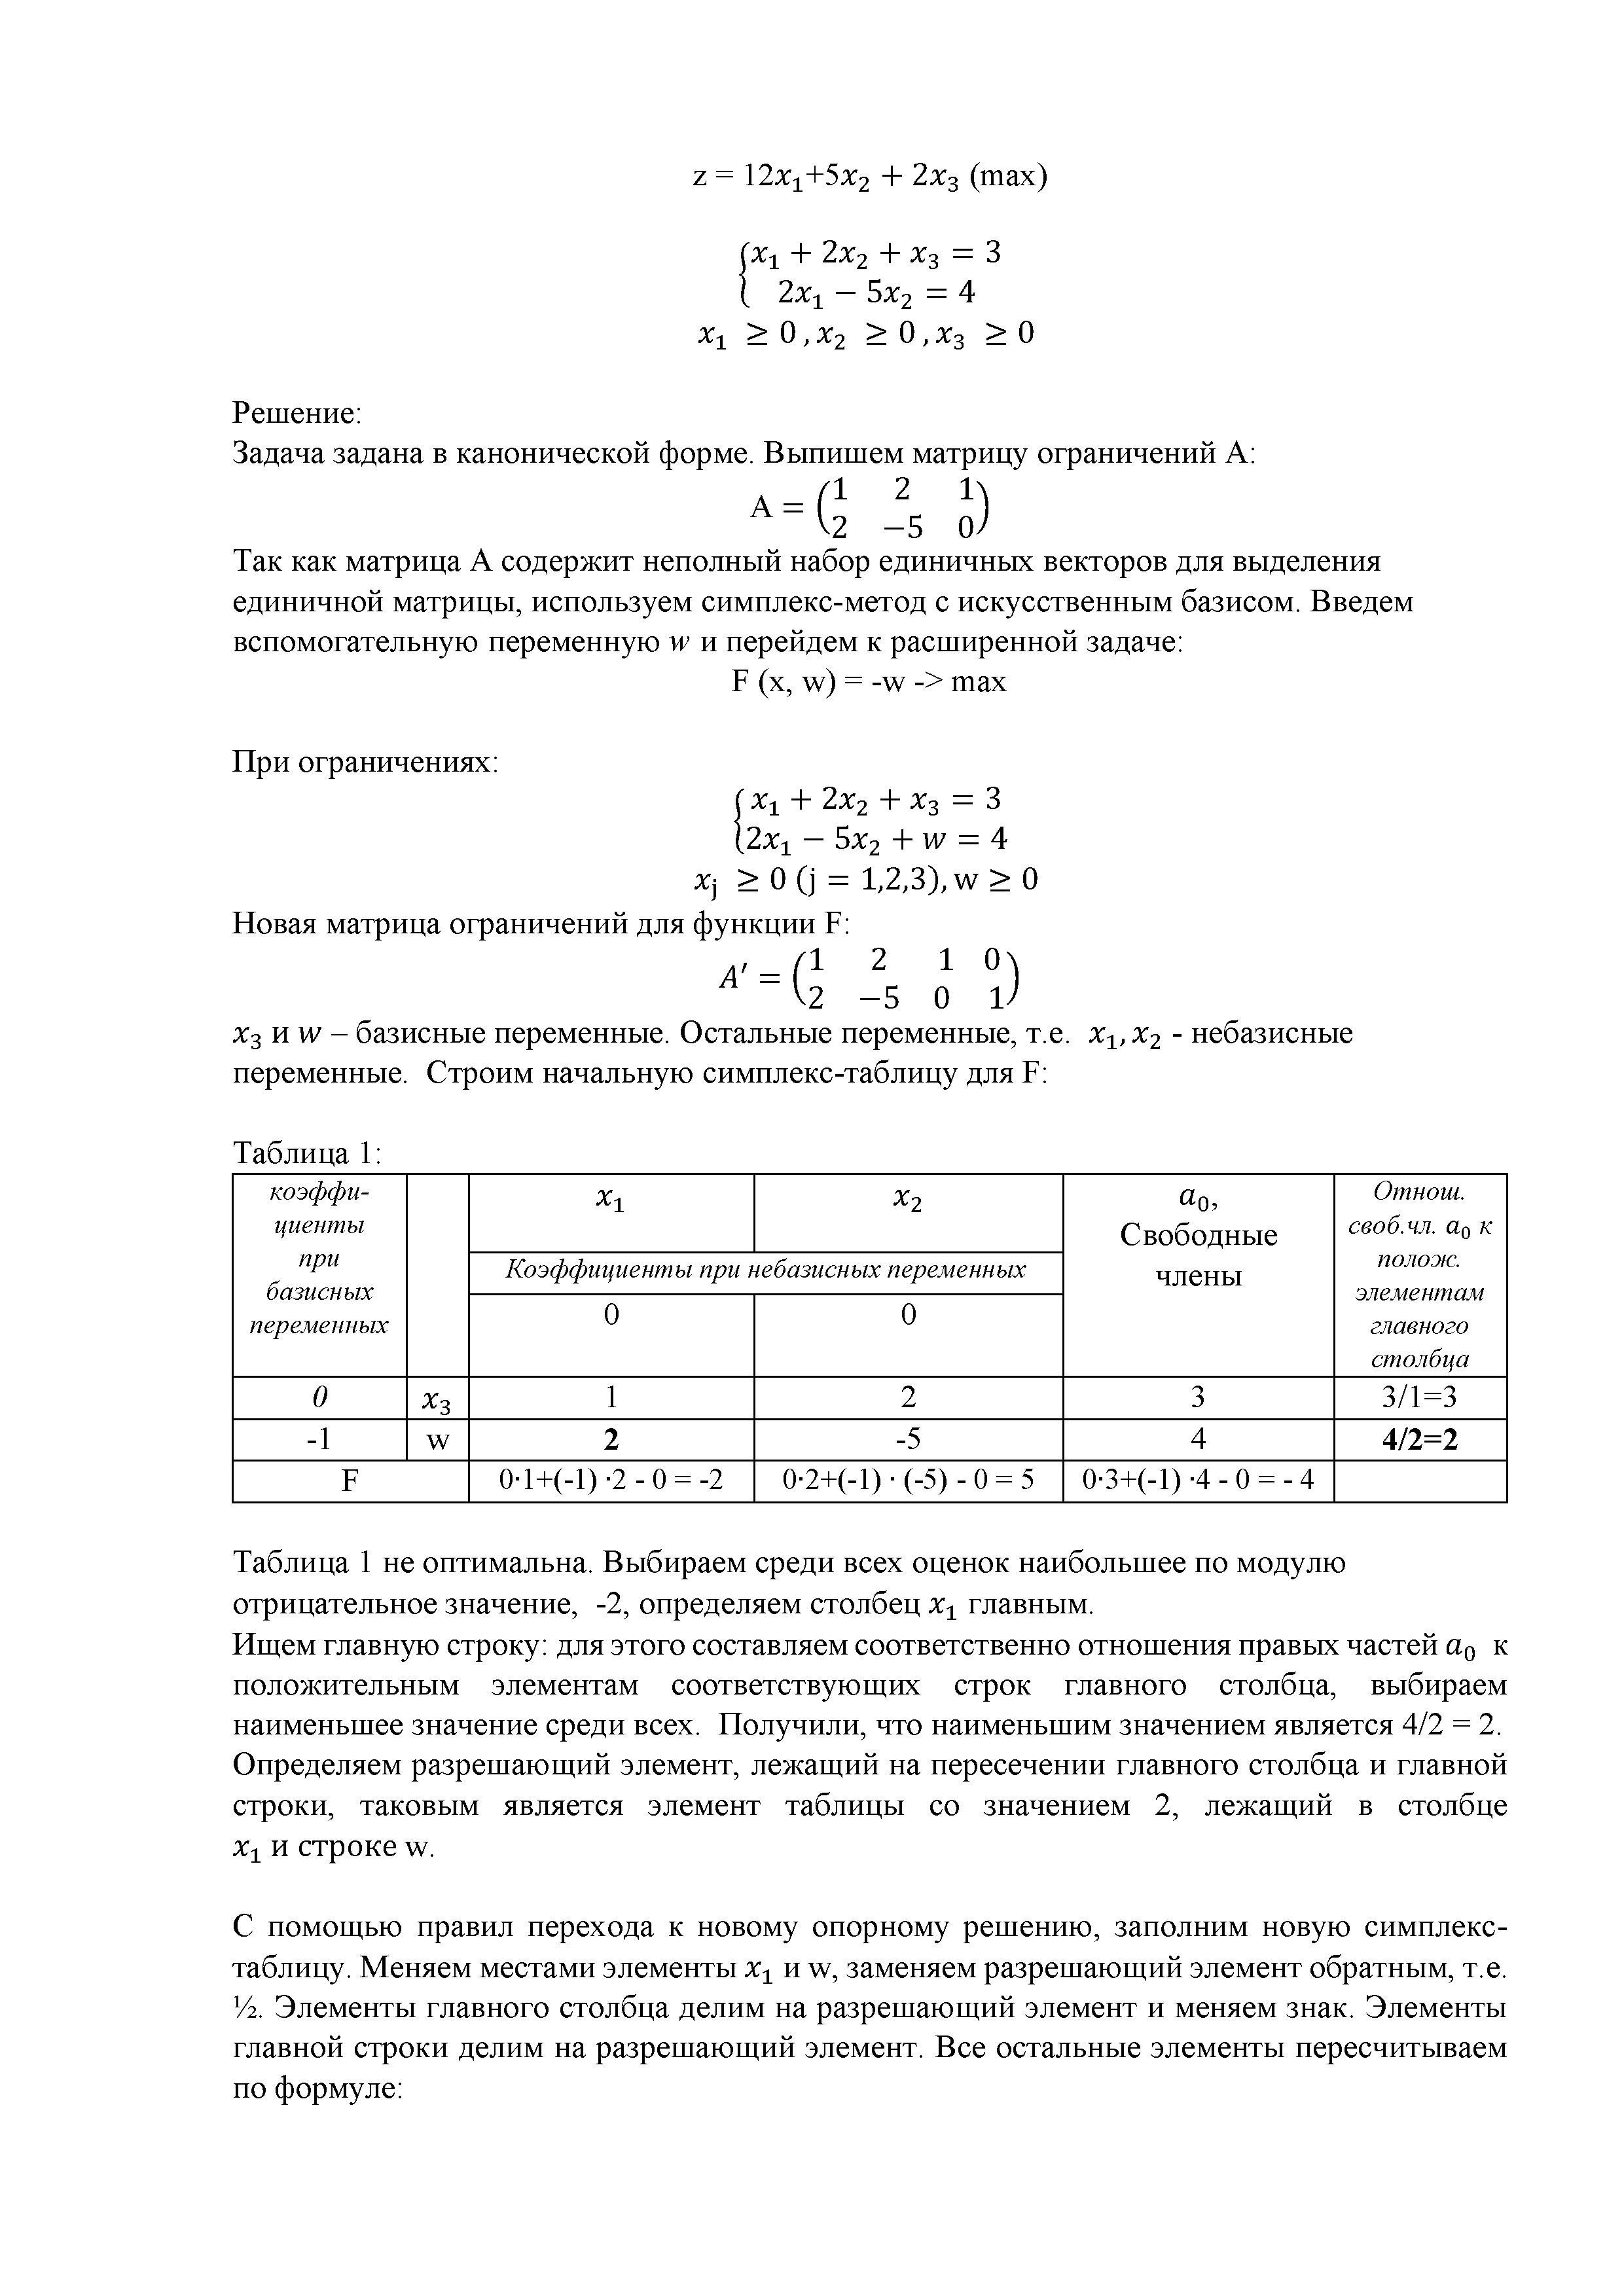 Решение симплекс - методом задачи линейного программирования с применением искусственного базиса